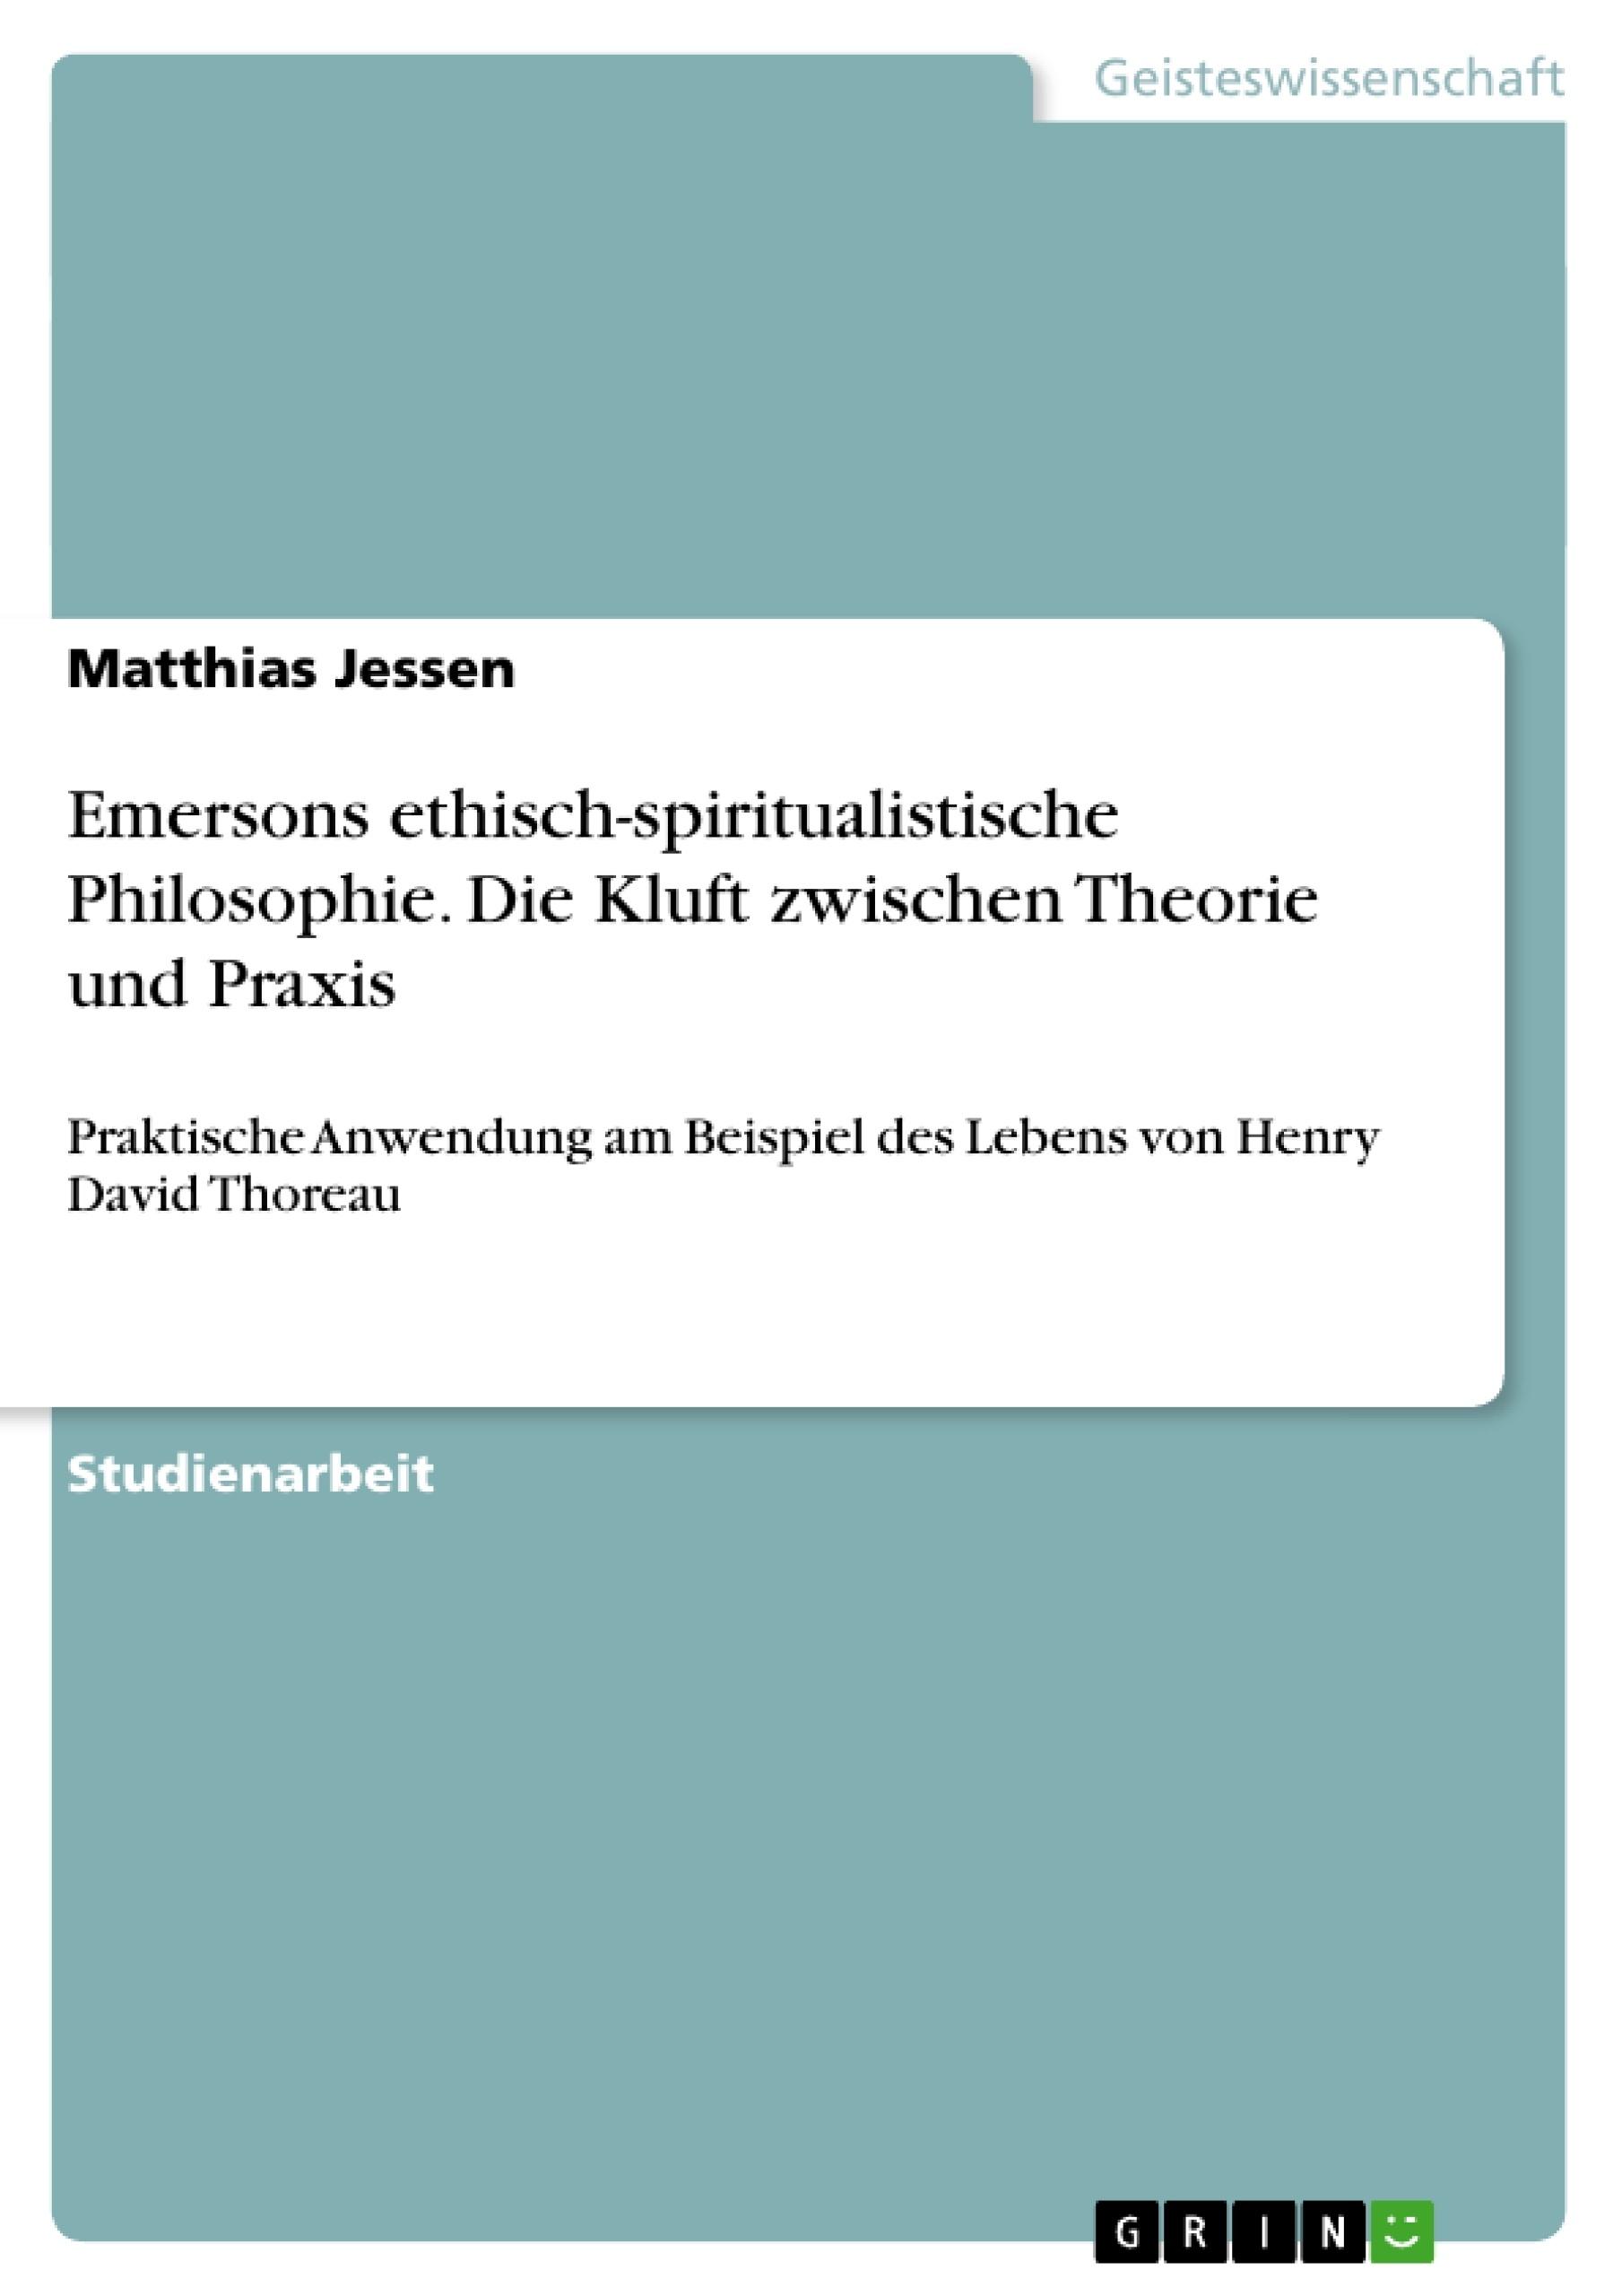 Titel: Emersons ethisch-spiritualistische Philosophie. Die Kluft zwischen Theorie und Praxis